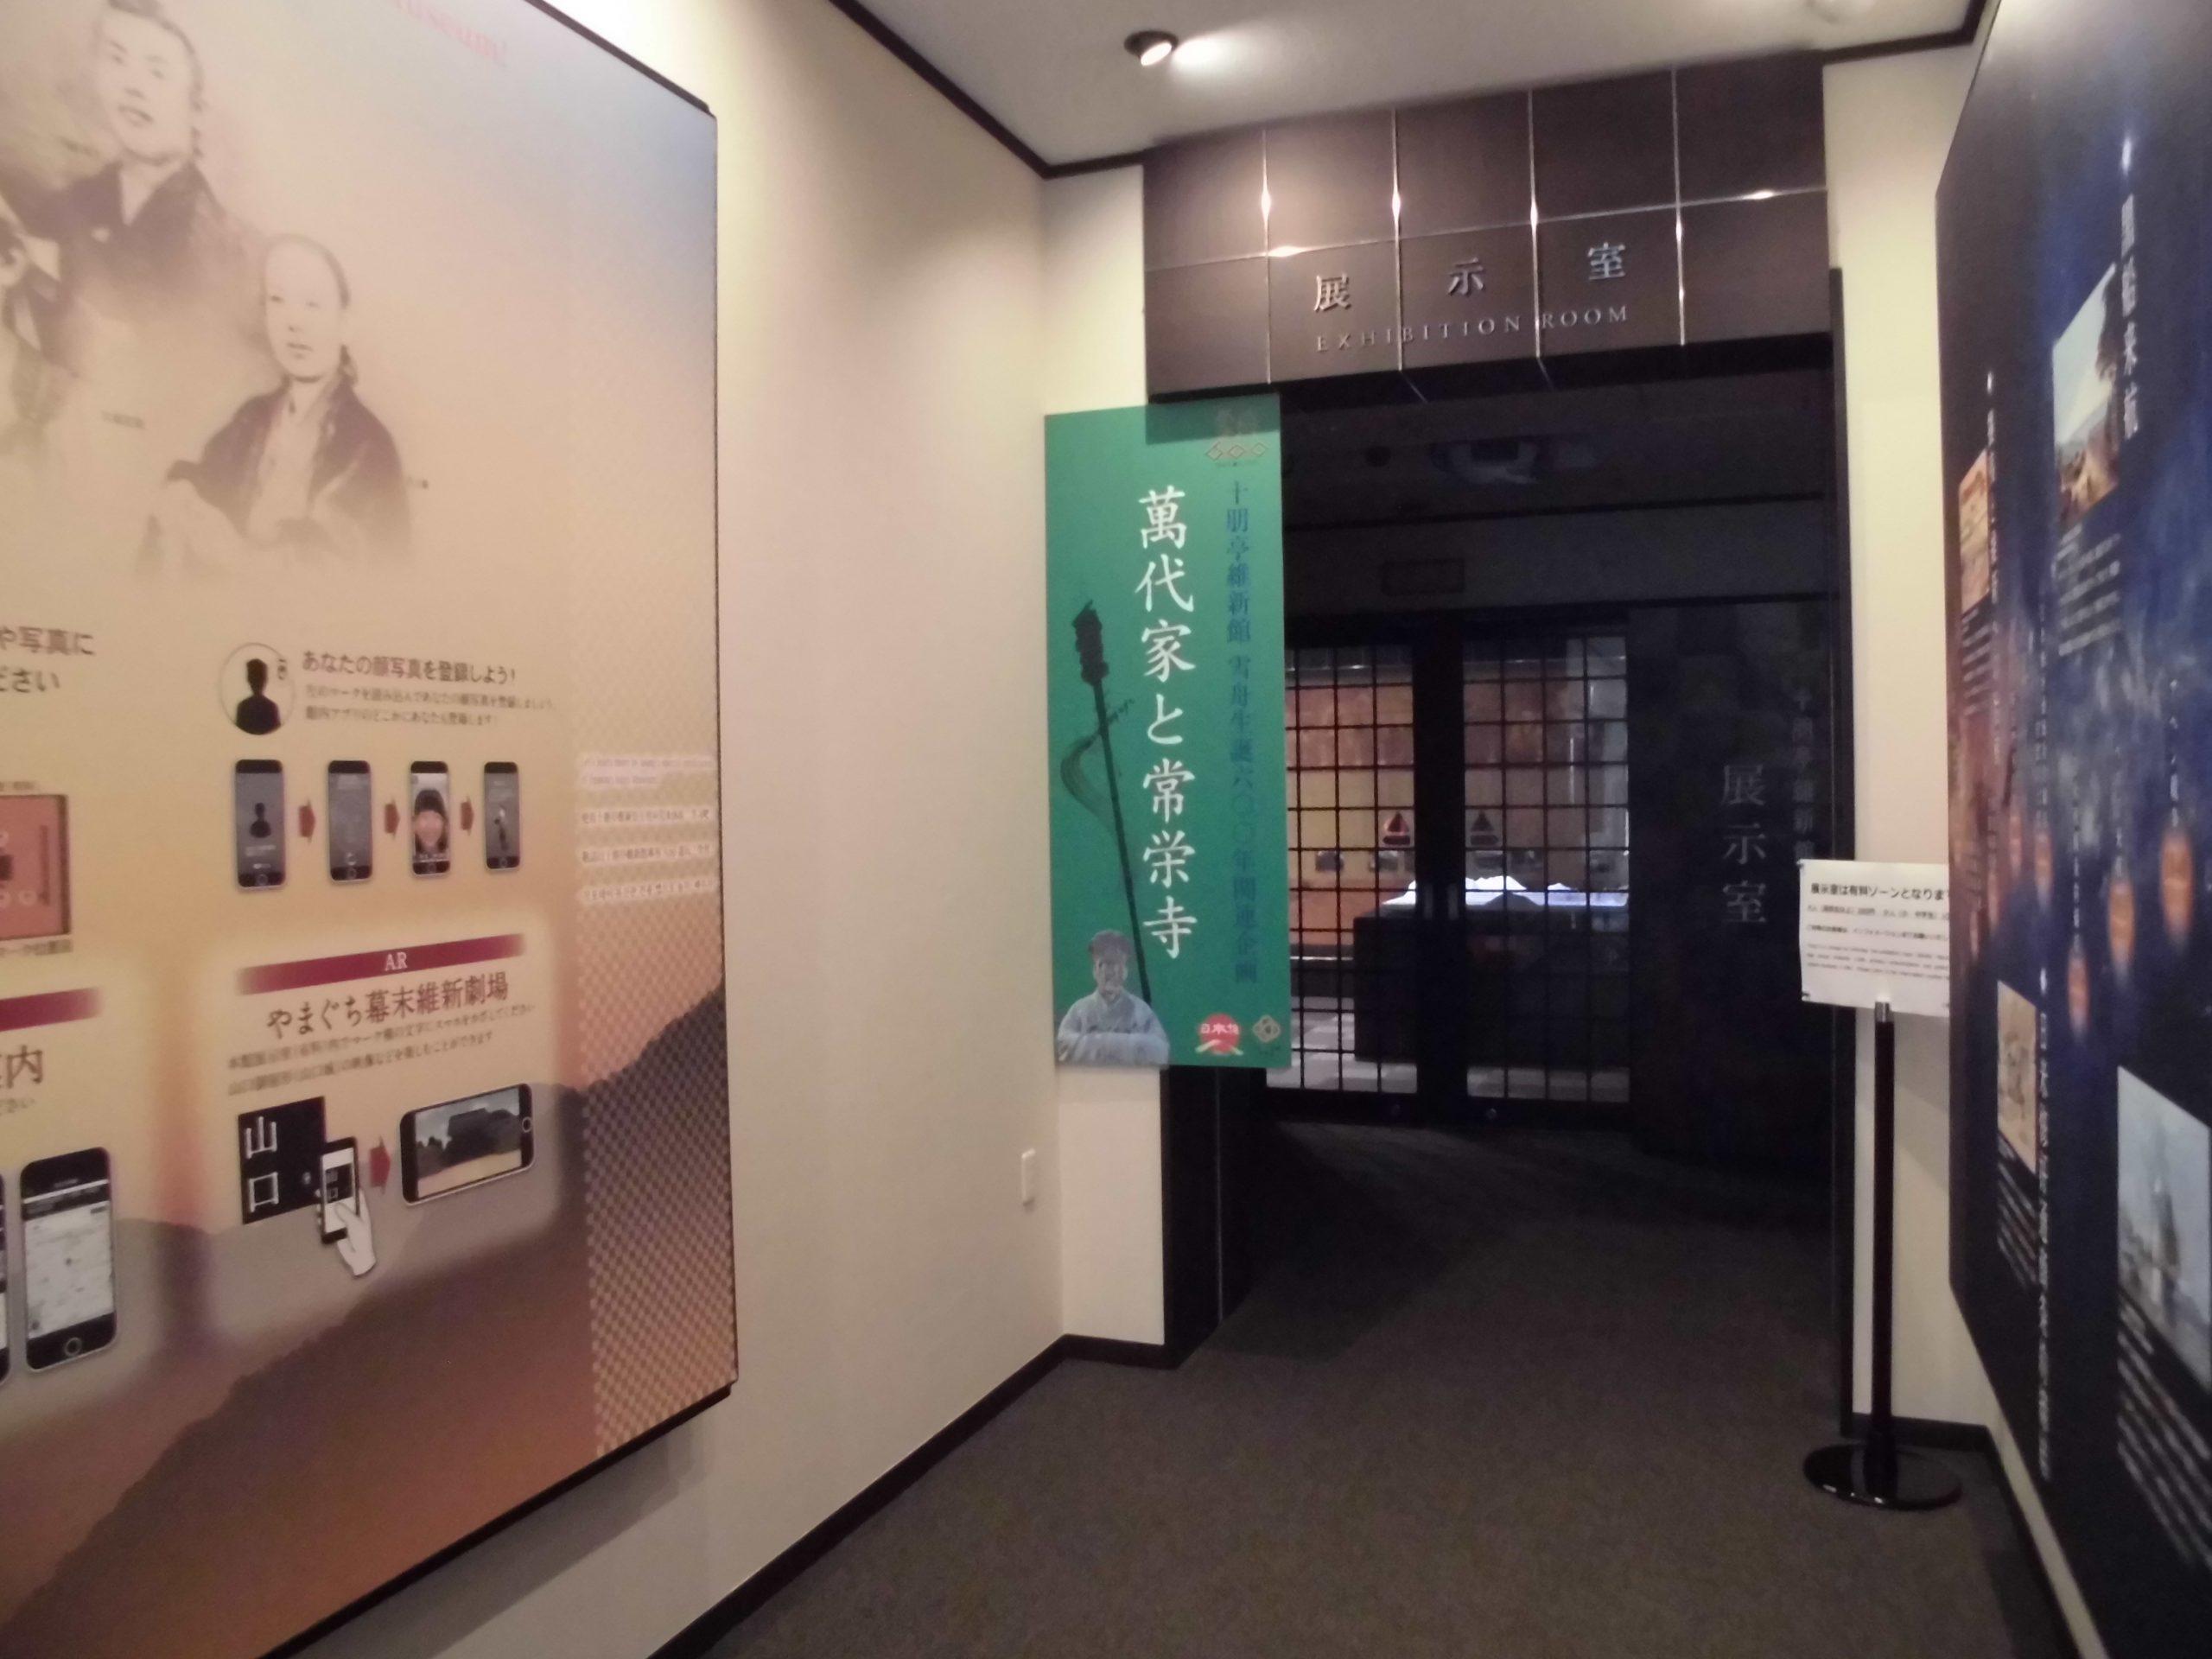 画像:企画展「萬代家と常栄寺」の後期展示について